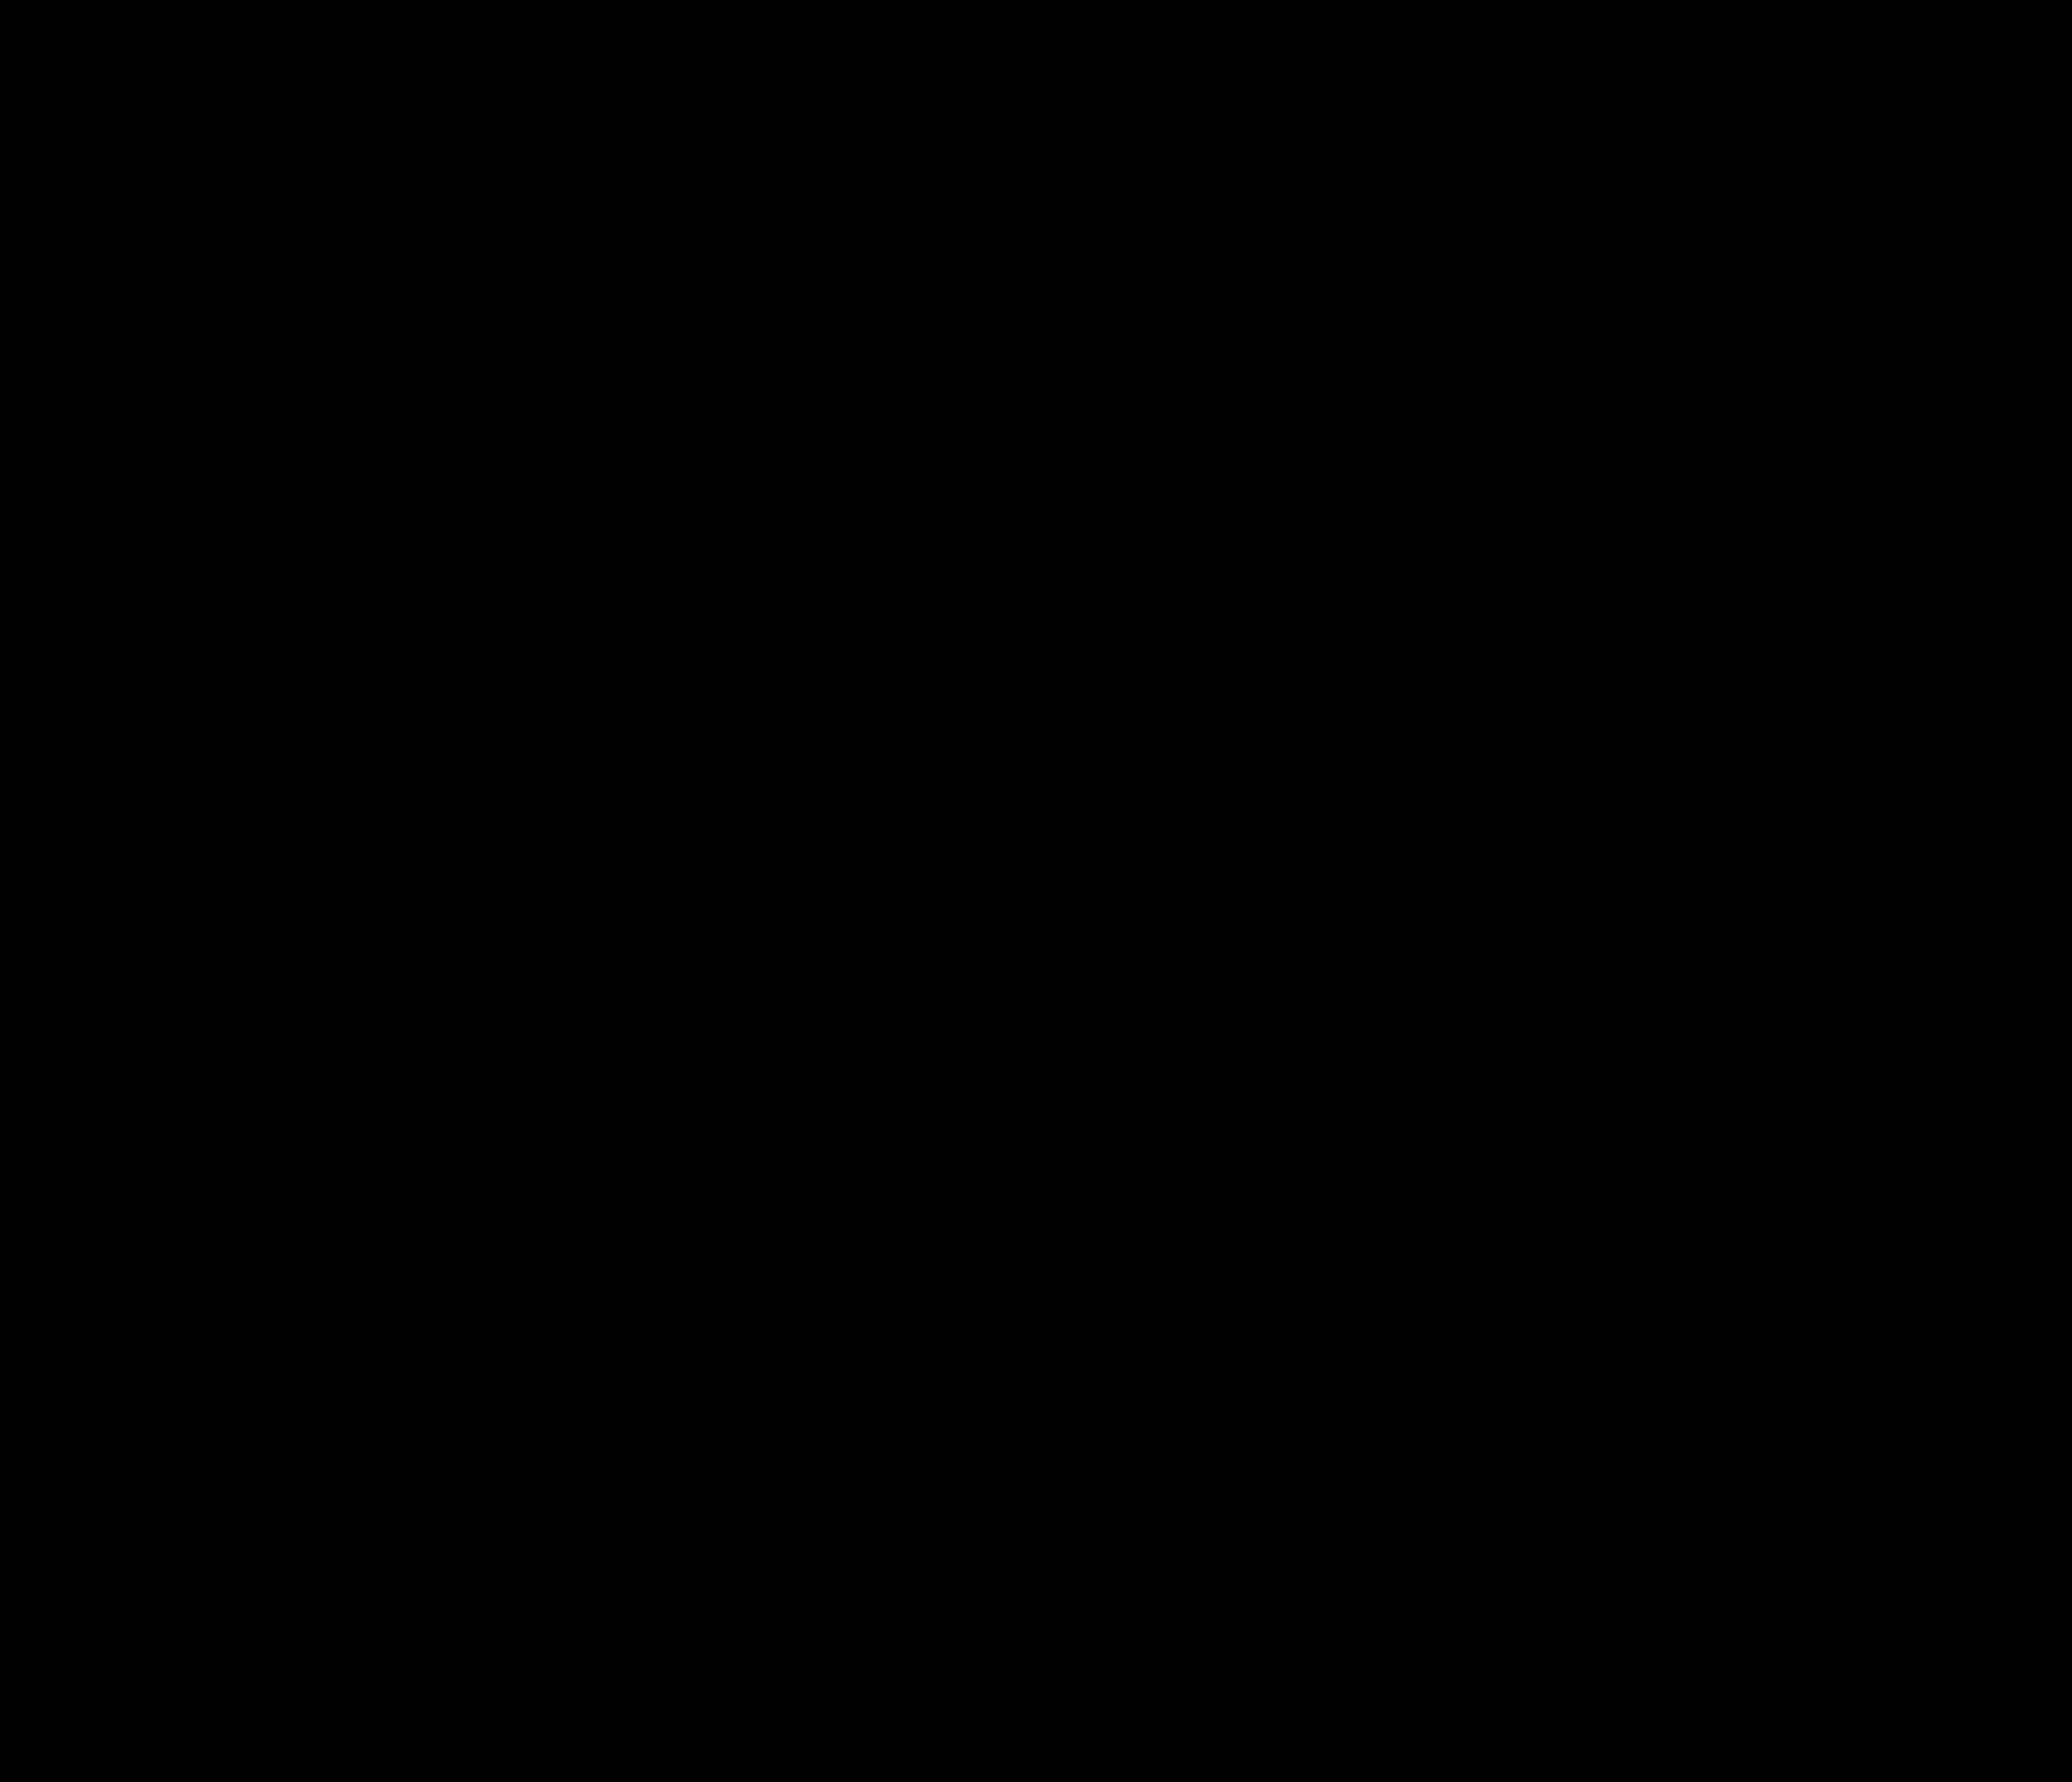 Mitsubishi Logo PNG Image